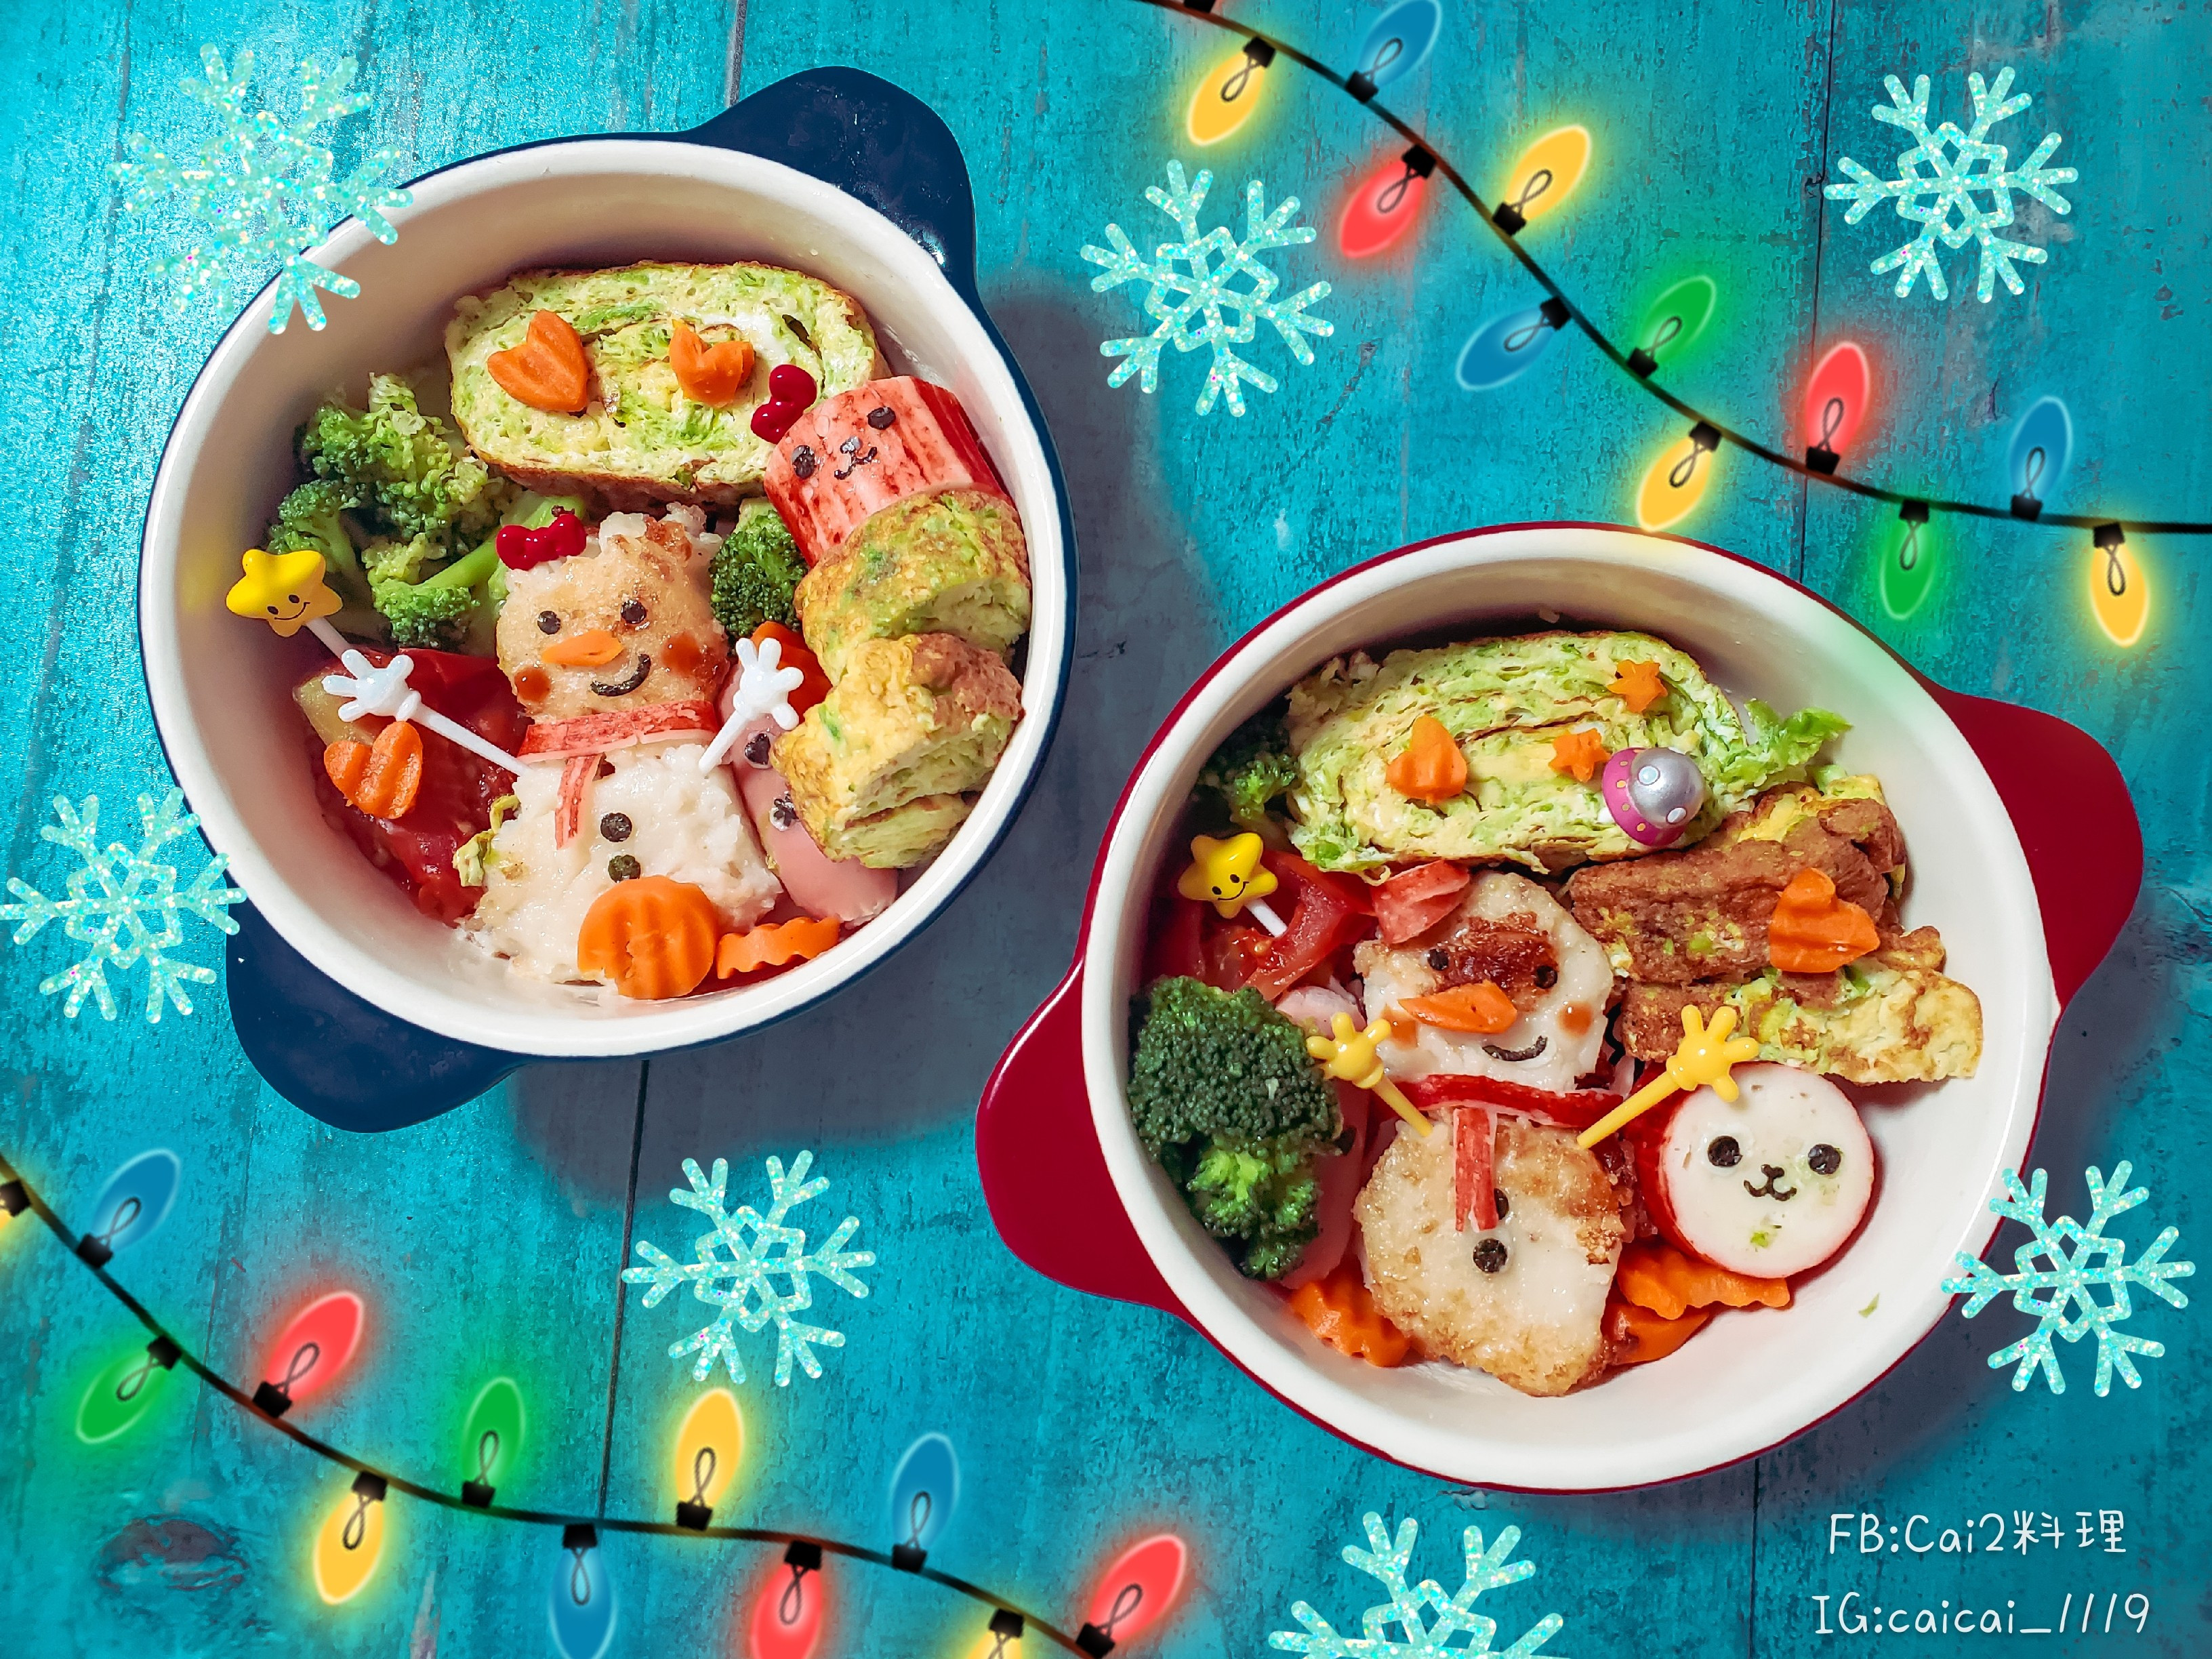 聖誕節雪人兒童餐